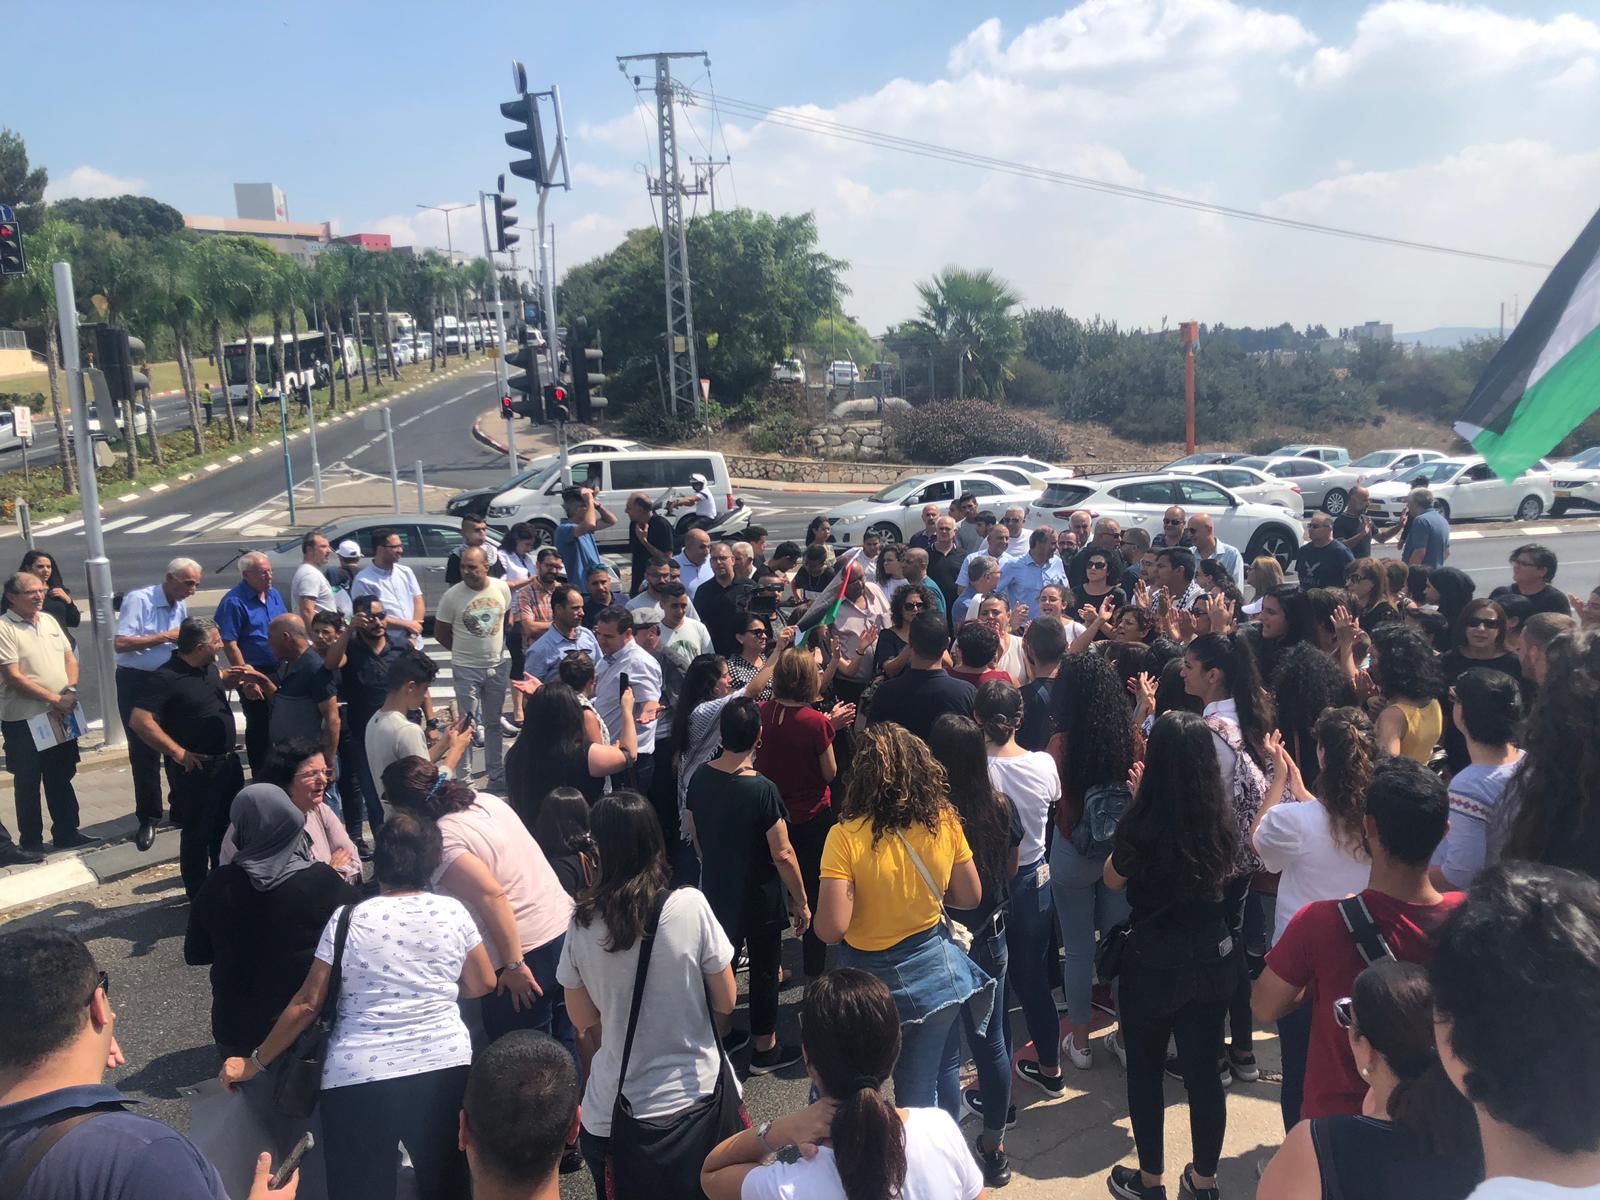 متظاهرون يغلقون شارعا بالناصرة احتجاجا على العنف والجريمة